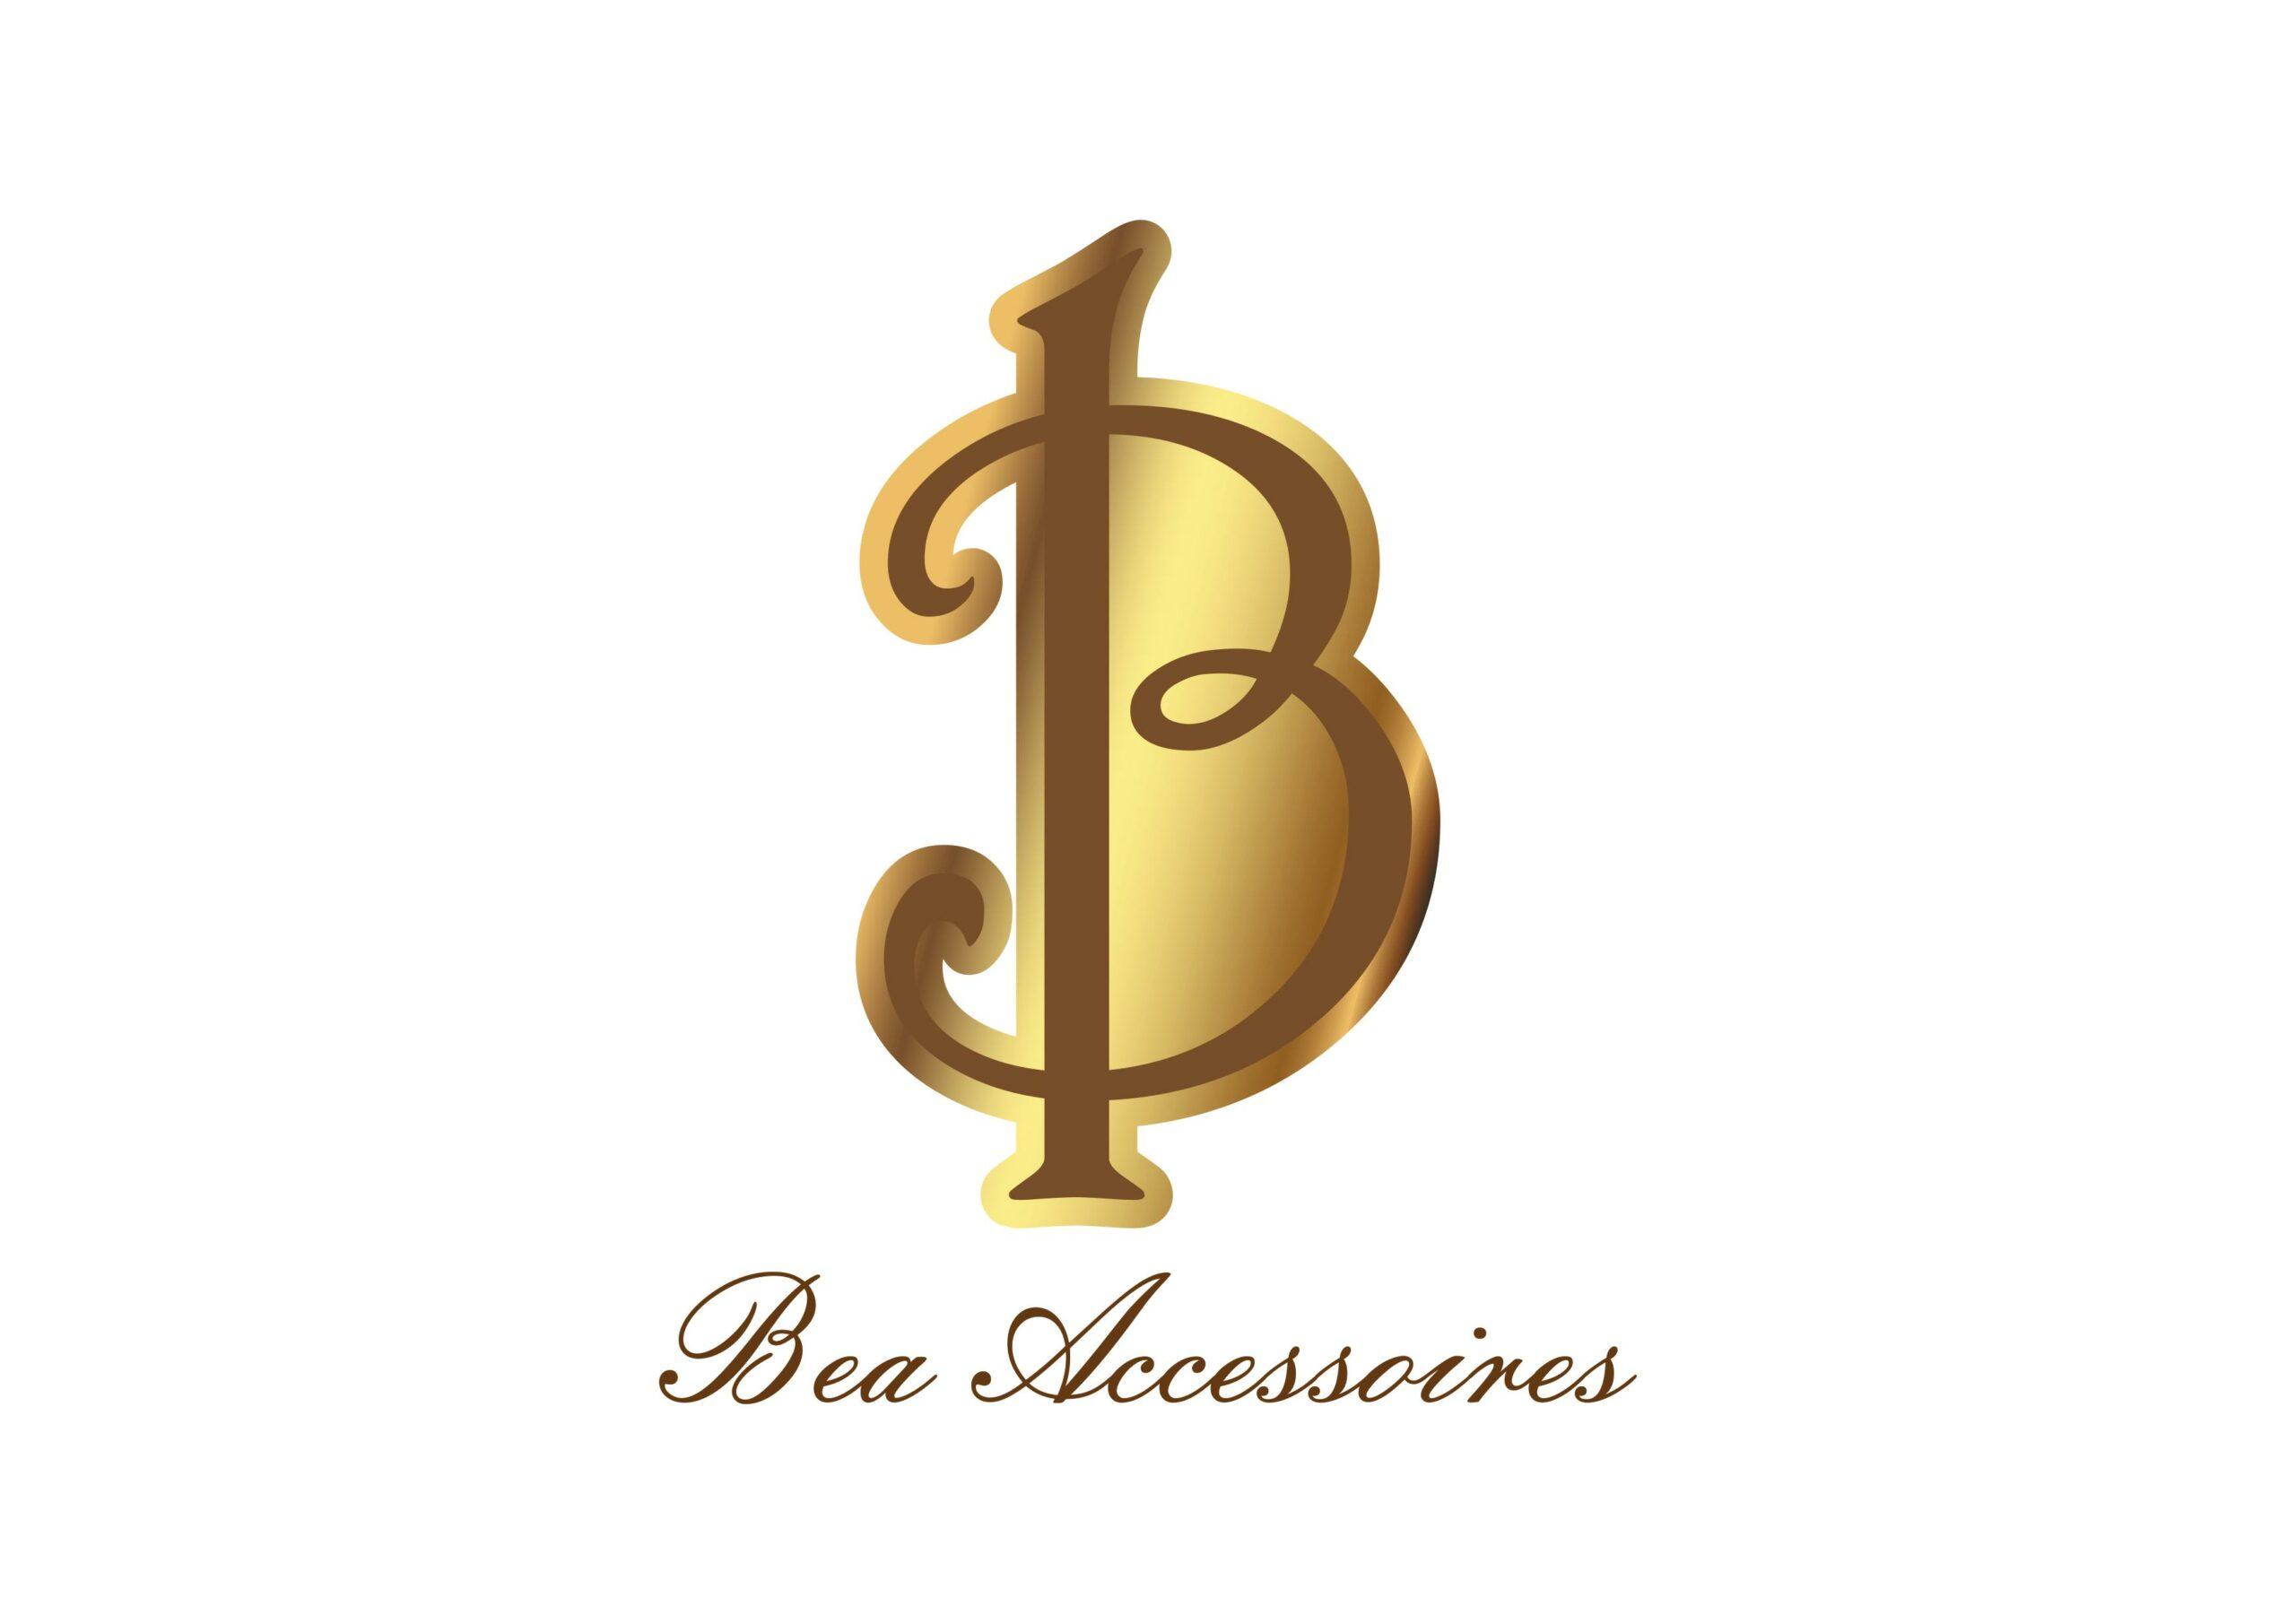 Der Buchstabe B in goldener Farbe mit dem Text Bea Accessoires darunter